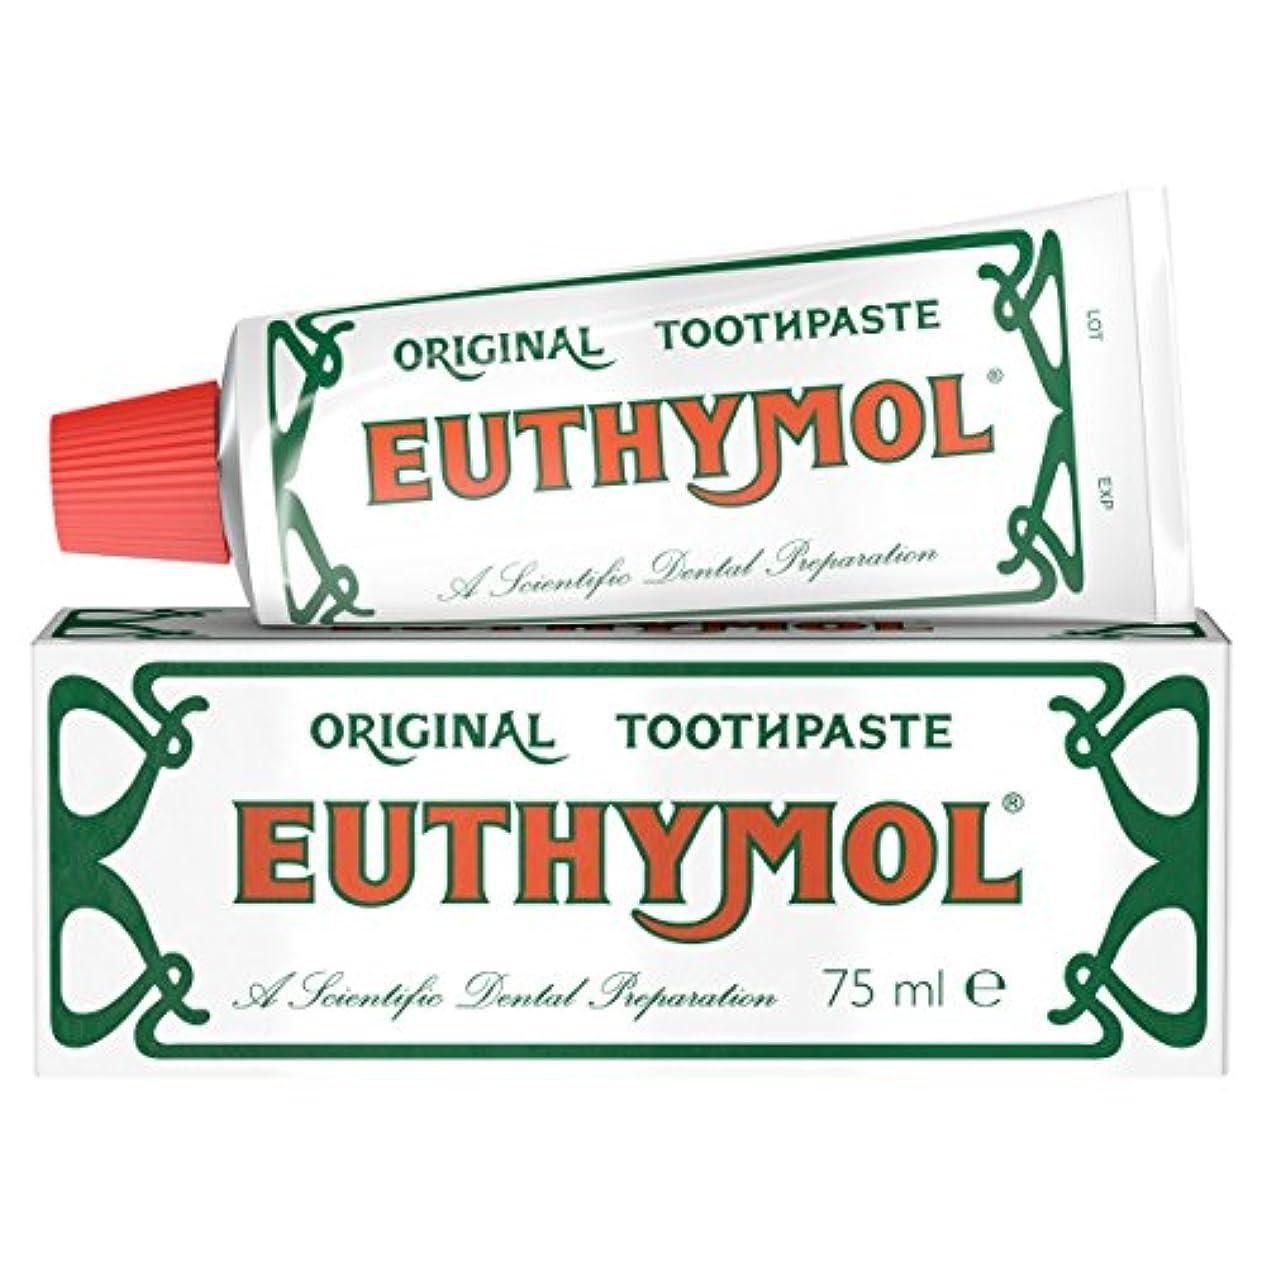 賠償別れる知事Euthymol オリジナル歯磨き粉 75ml 並行輸入品 Euthymol Original Toothpaste 75 Ml